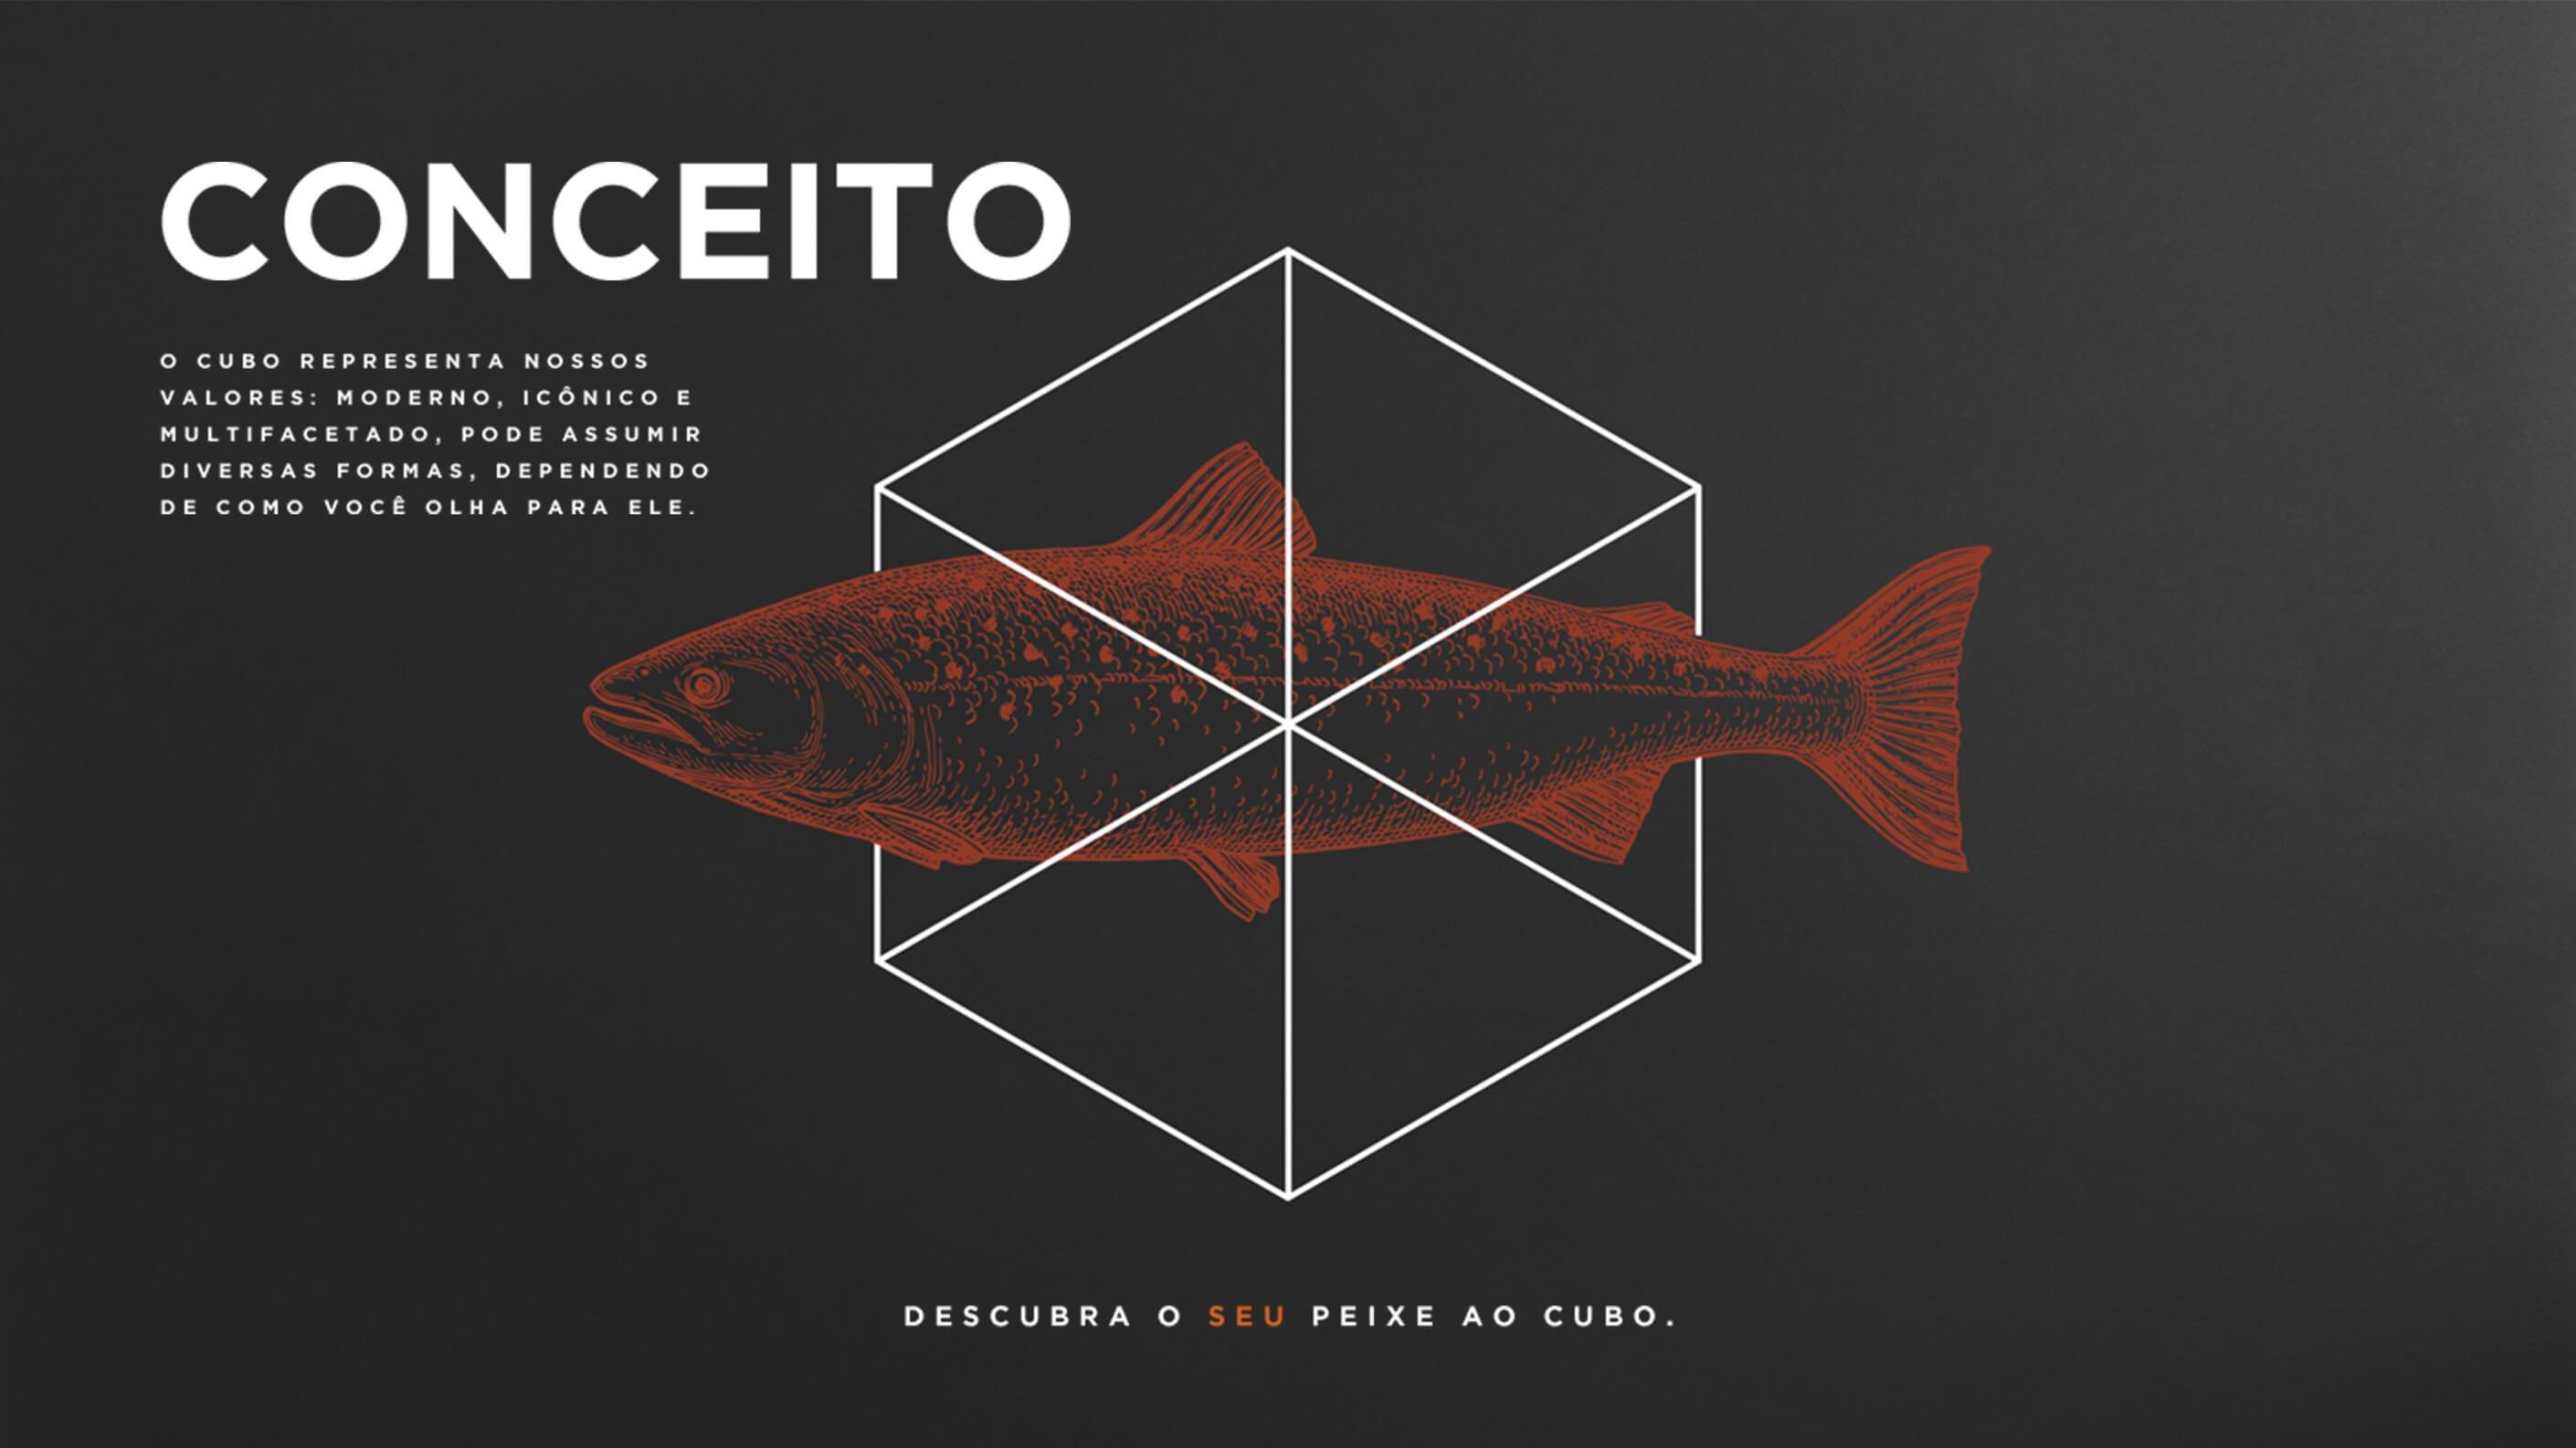 Conceito - Peixe ao Cubo